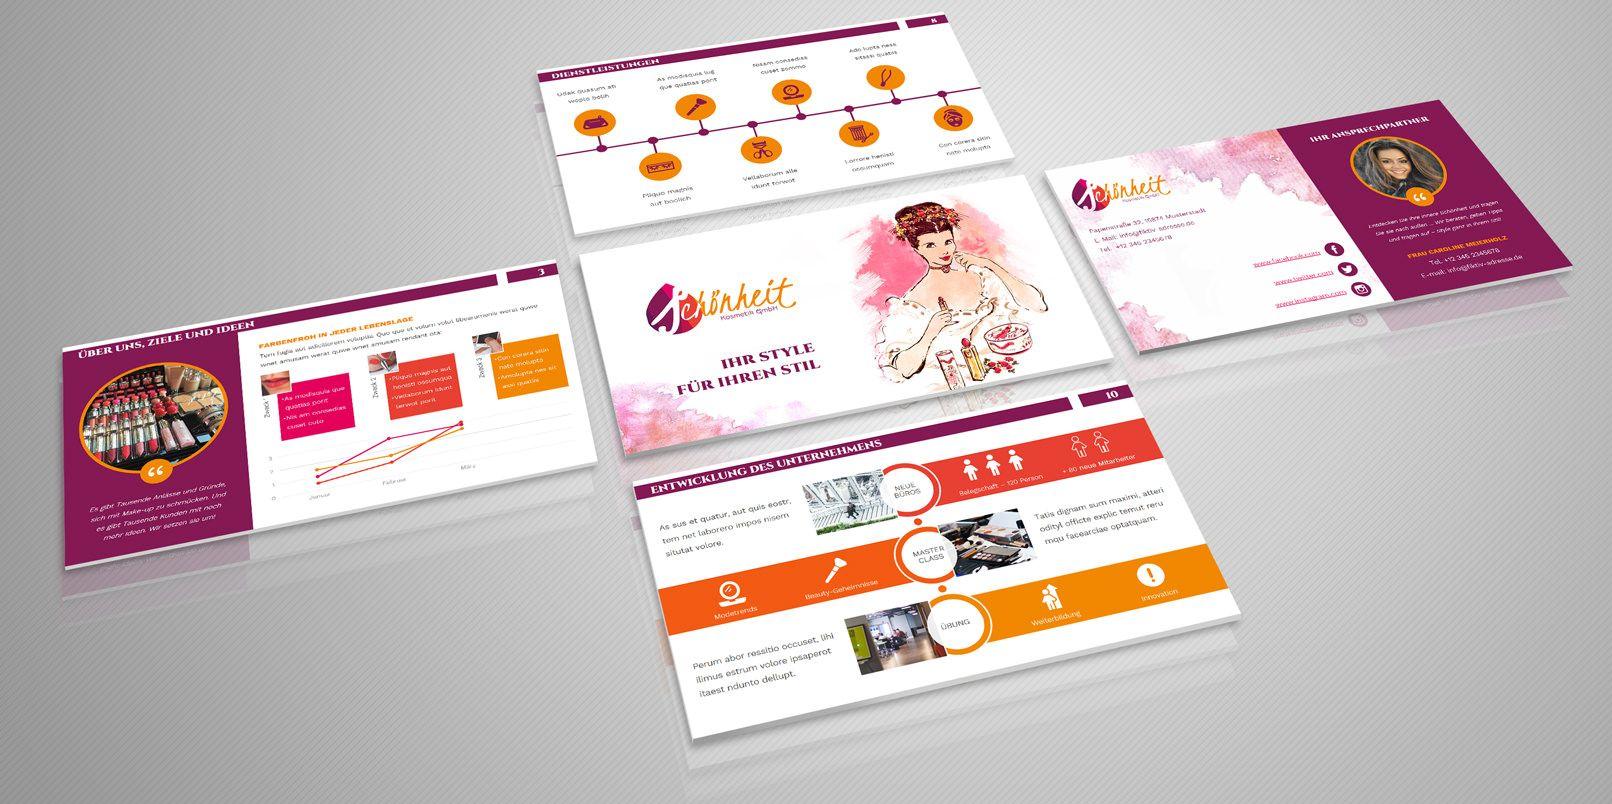 Moderne PowerPoint-Vorlagen | Powerpoint vorlagen, Vorlagen und Auftritt